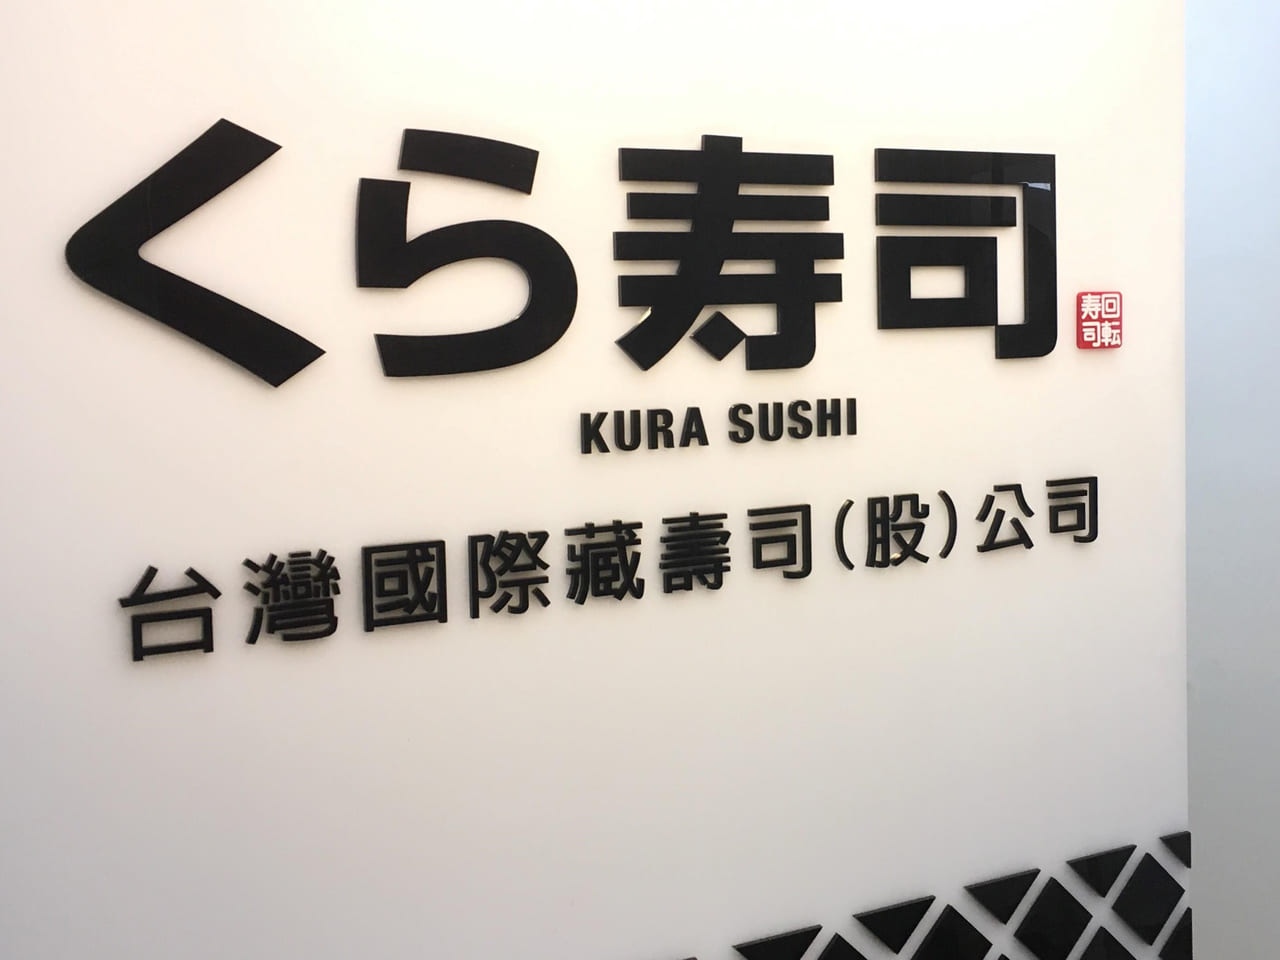 KURA SUSHI TAIWAN